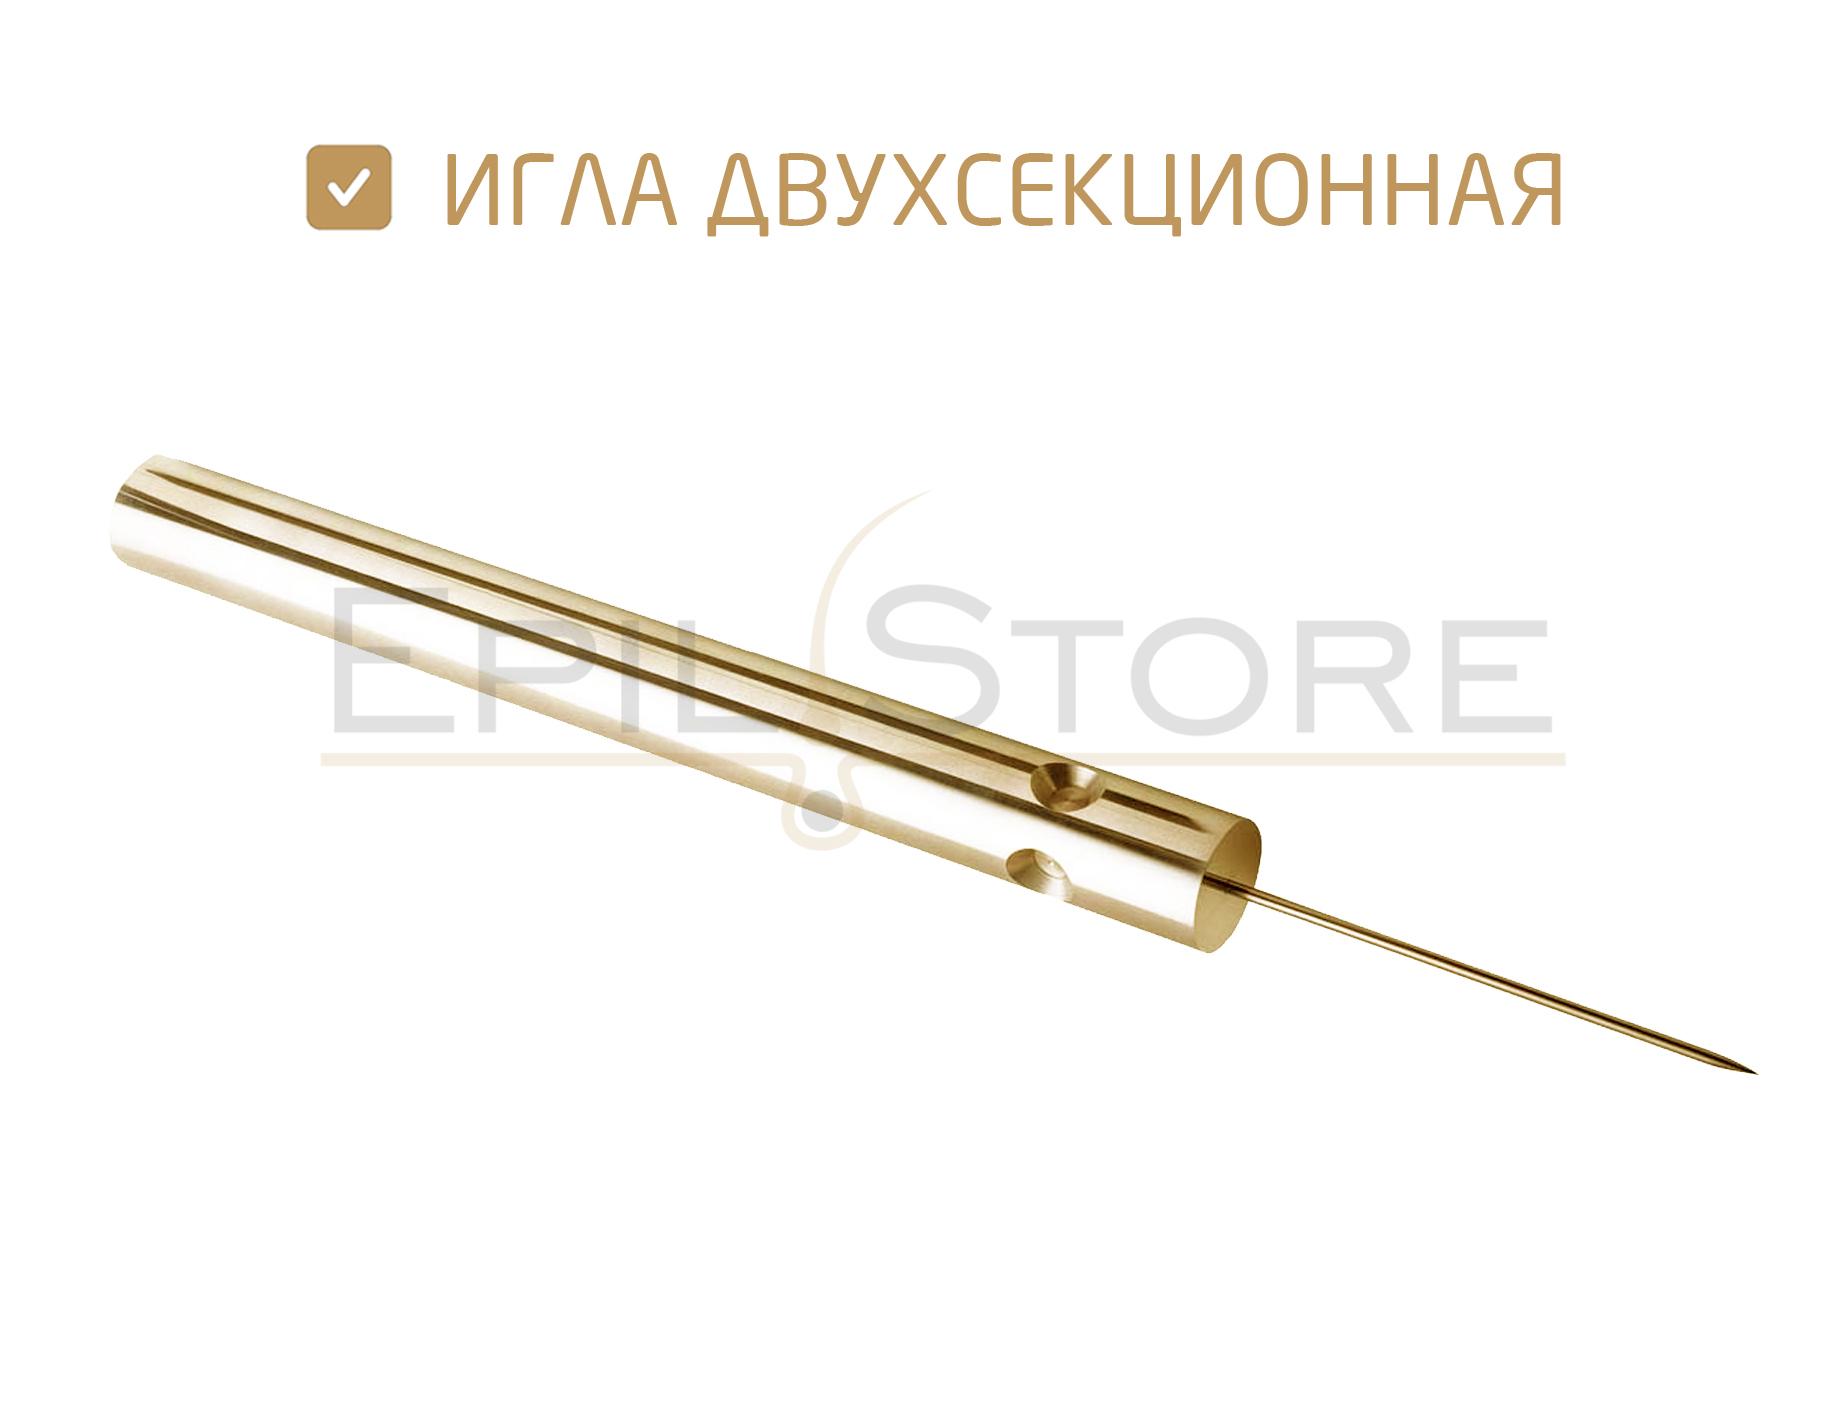 Позолоченные двухсекционные иглы для электроэпиляции Sterex - 50 штук